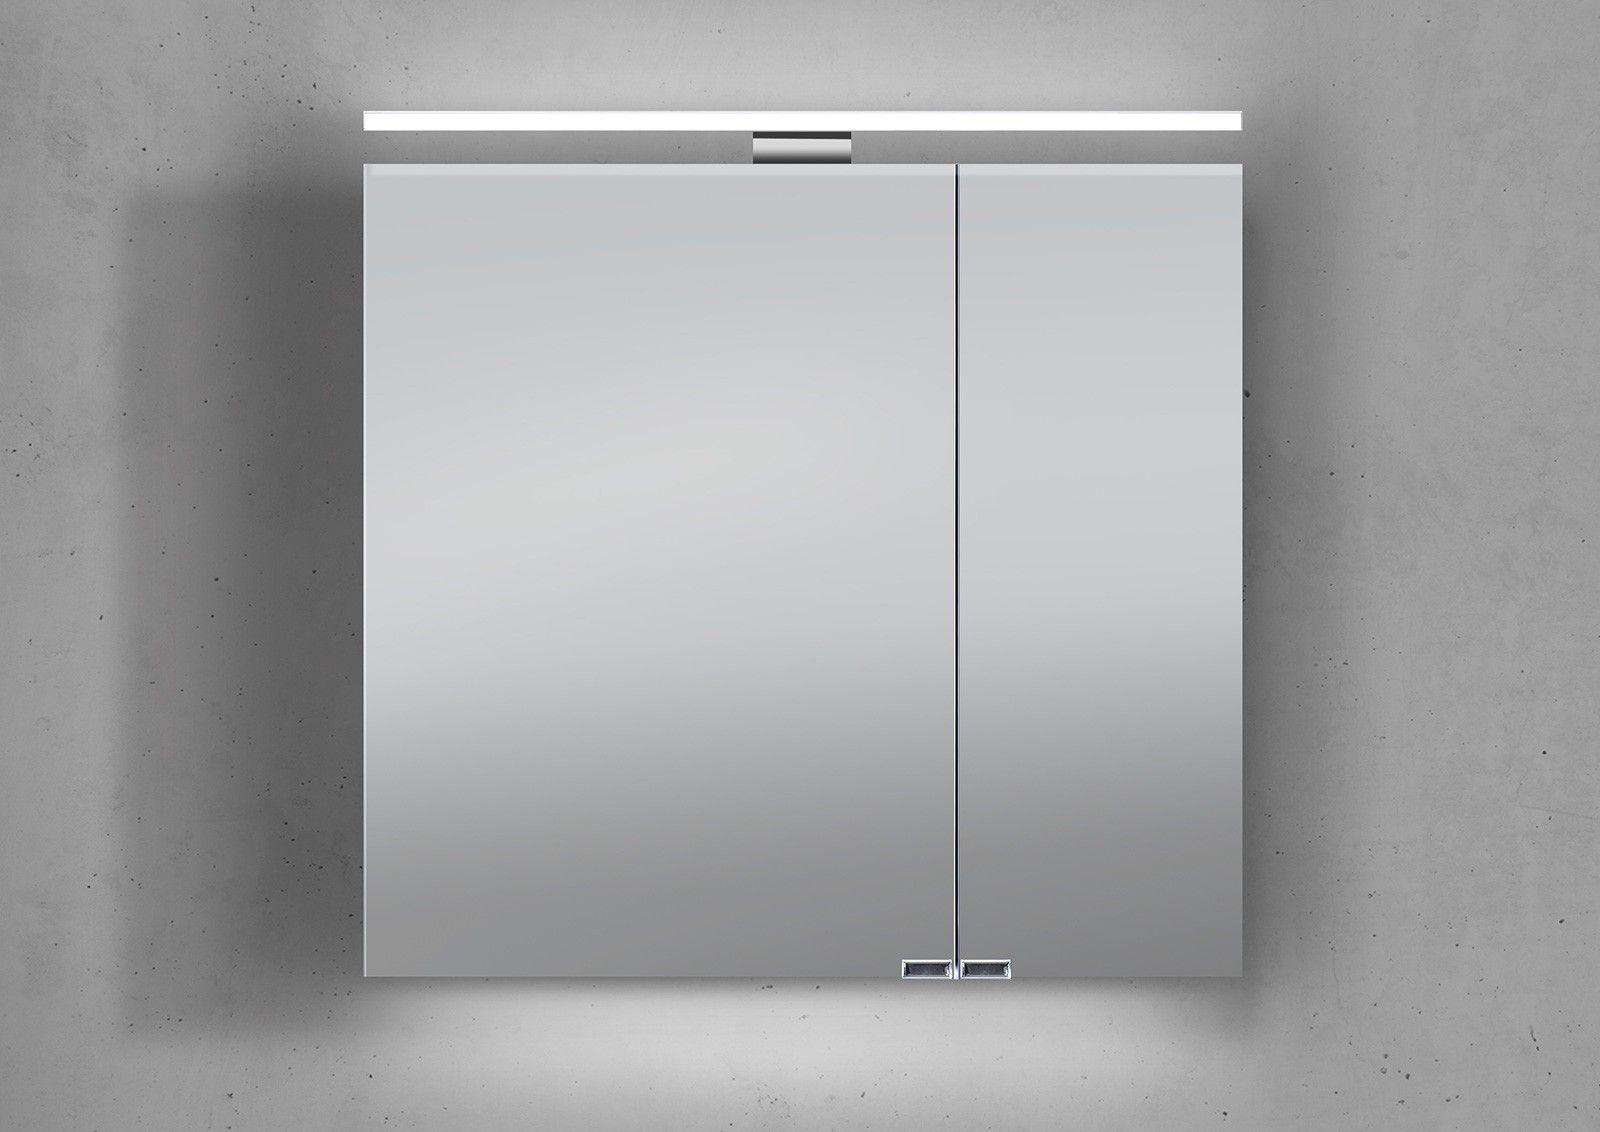 Schön Spiegelschrank 70 Cm LED Beleuchtung Doppelseitig Verspiegelt |  Designbaeder.com